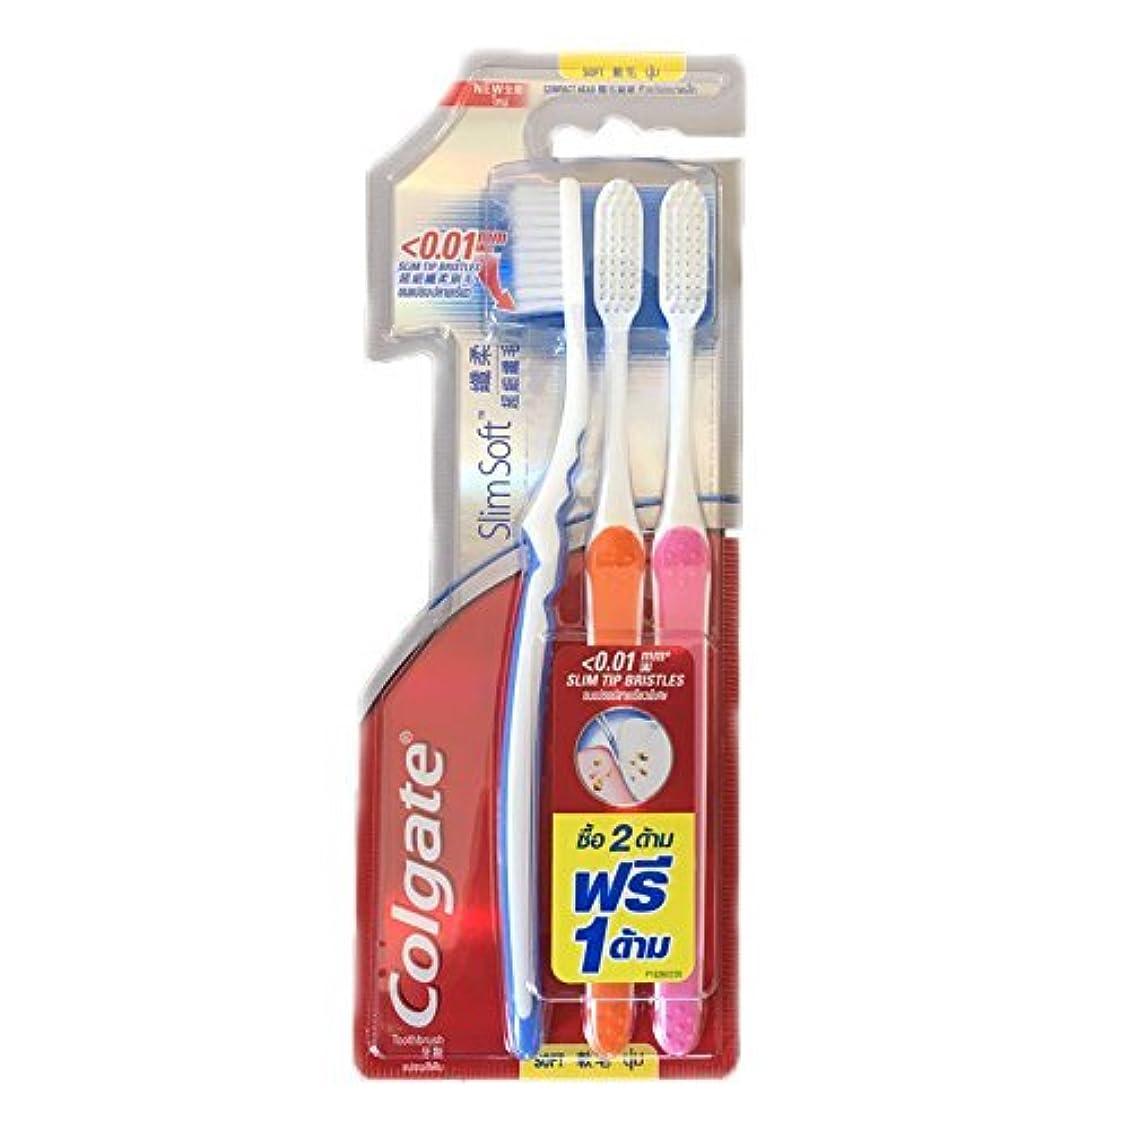 メンテナンスボルト黒くするColgate Compact Soft | Slim Soft Toothbrush, Family Pack (3 Bristles) by BeautyBreeze